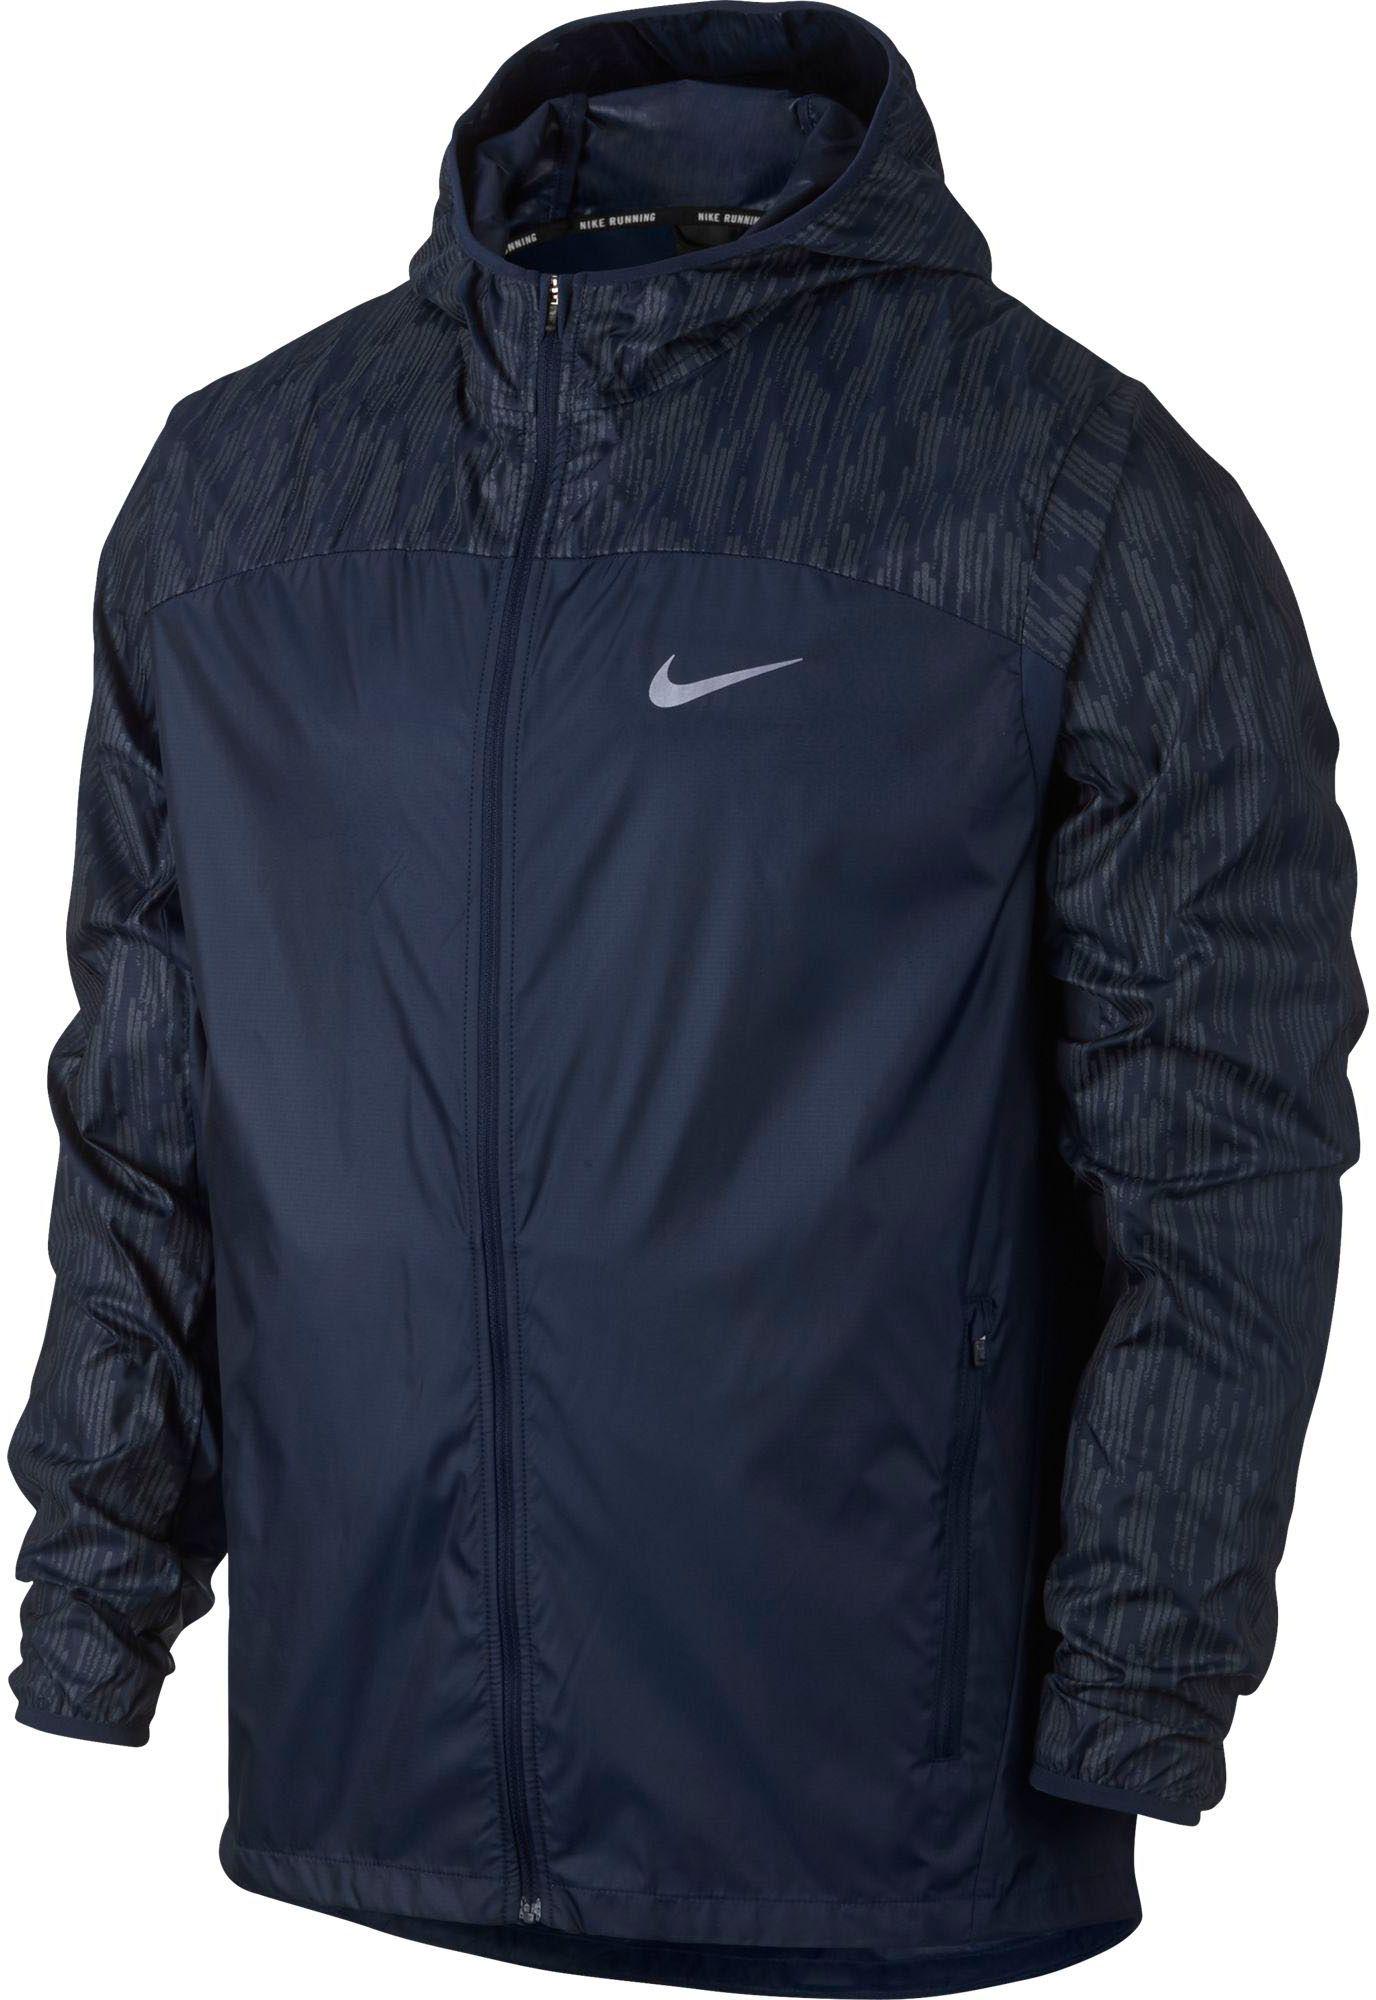 Nike jacket flash - Noimagefound